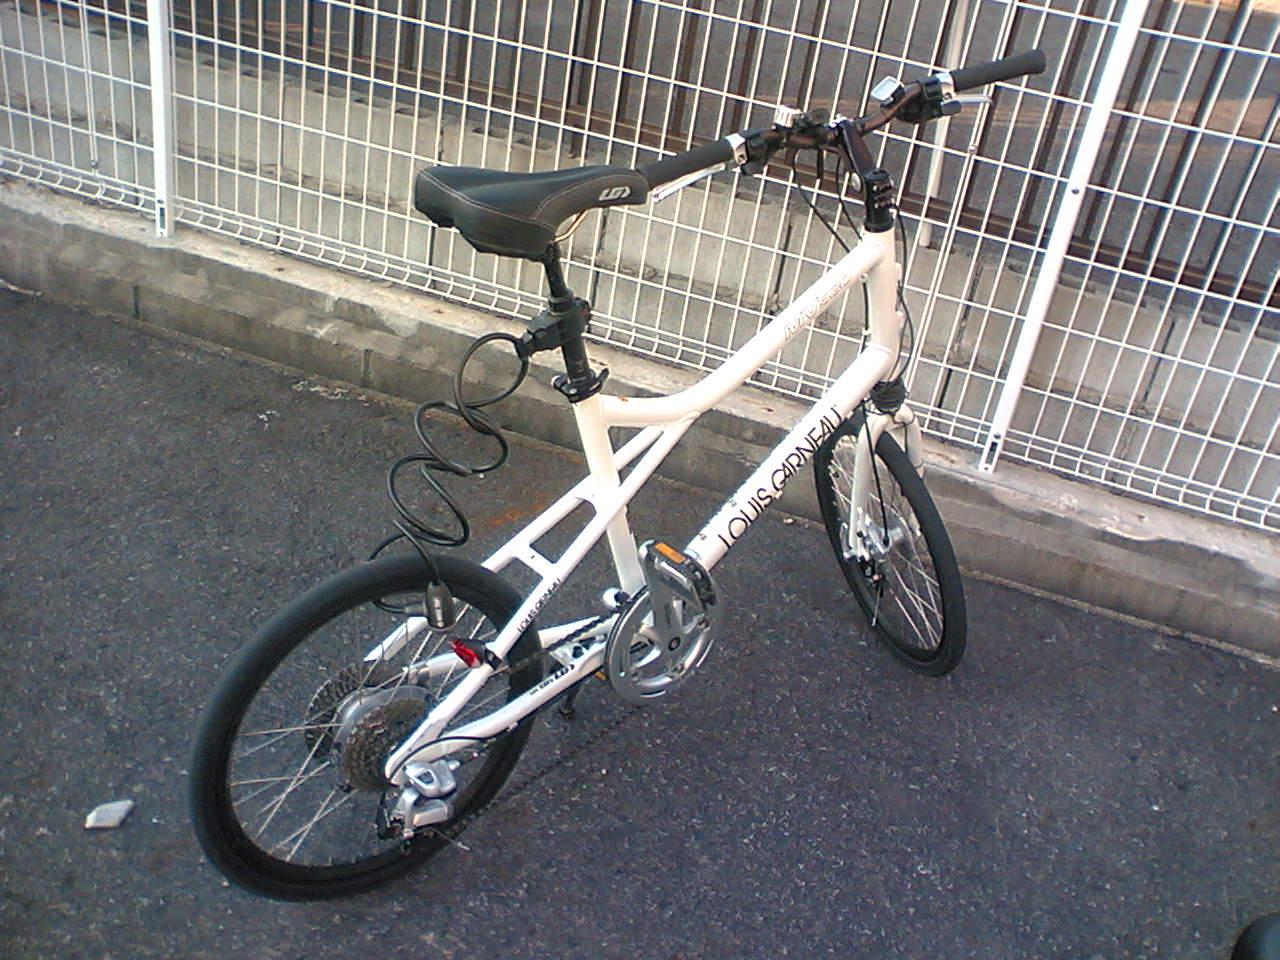 ... の自転車、今年で製造販売終了